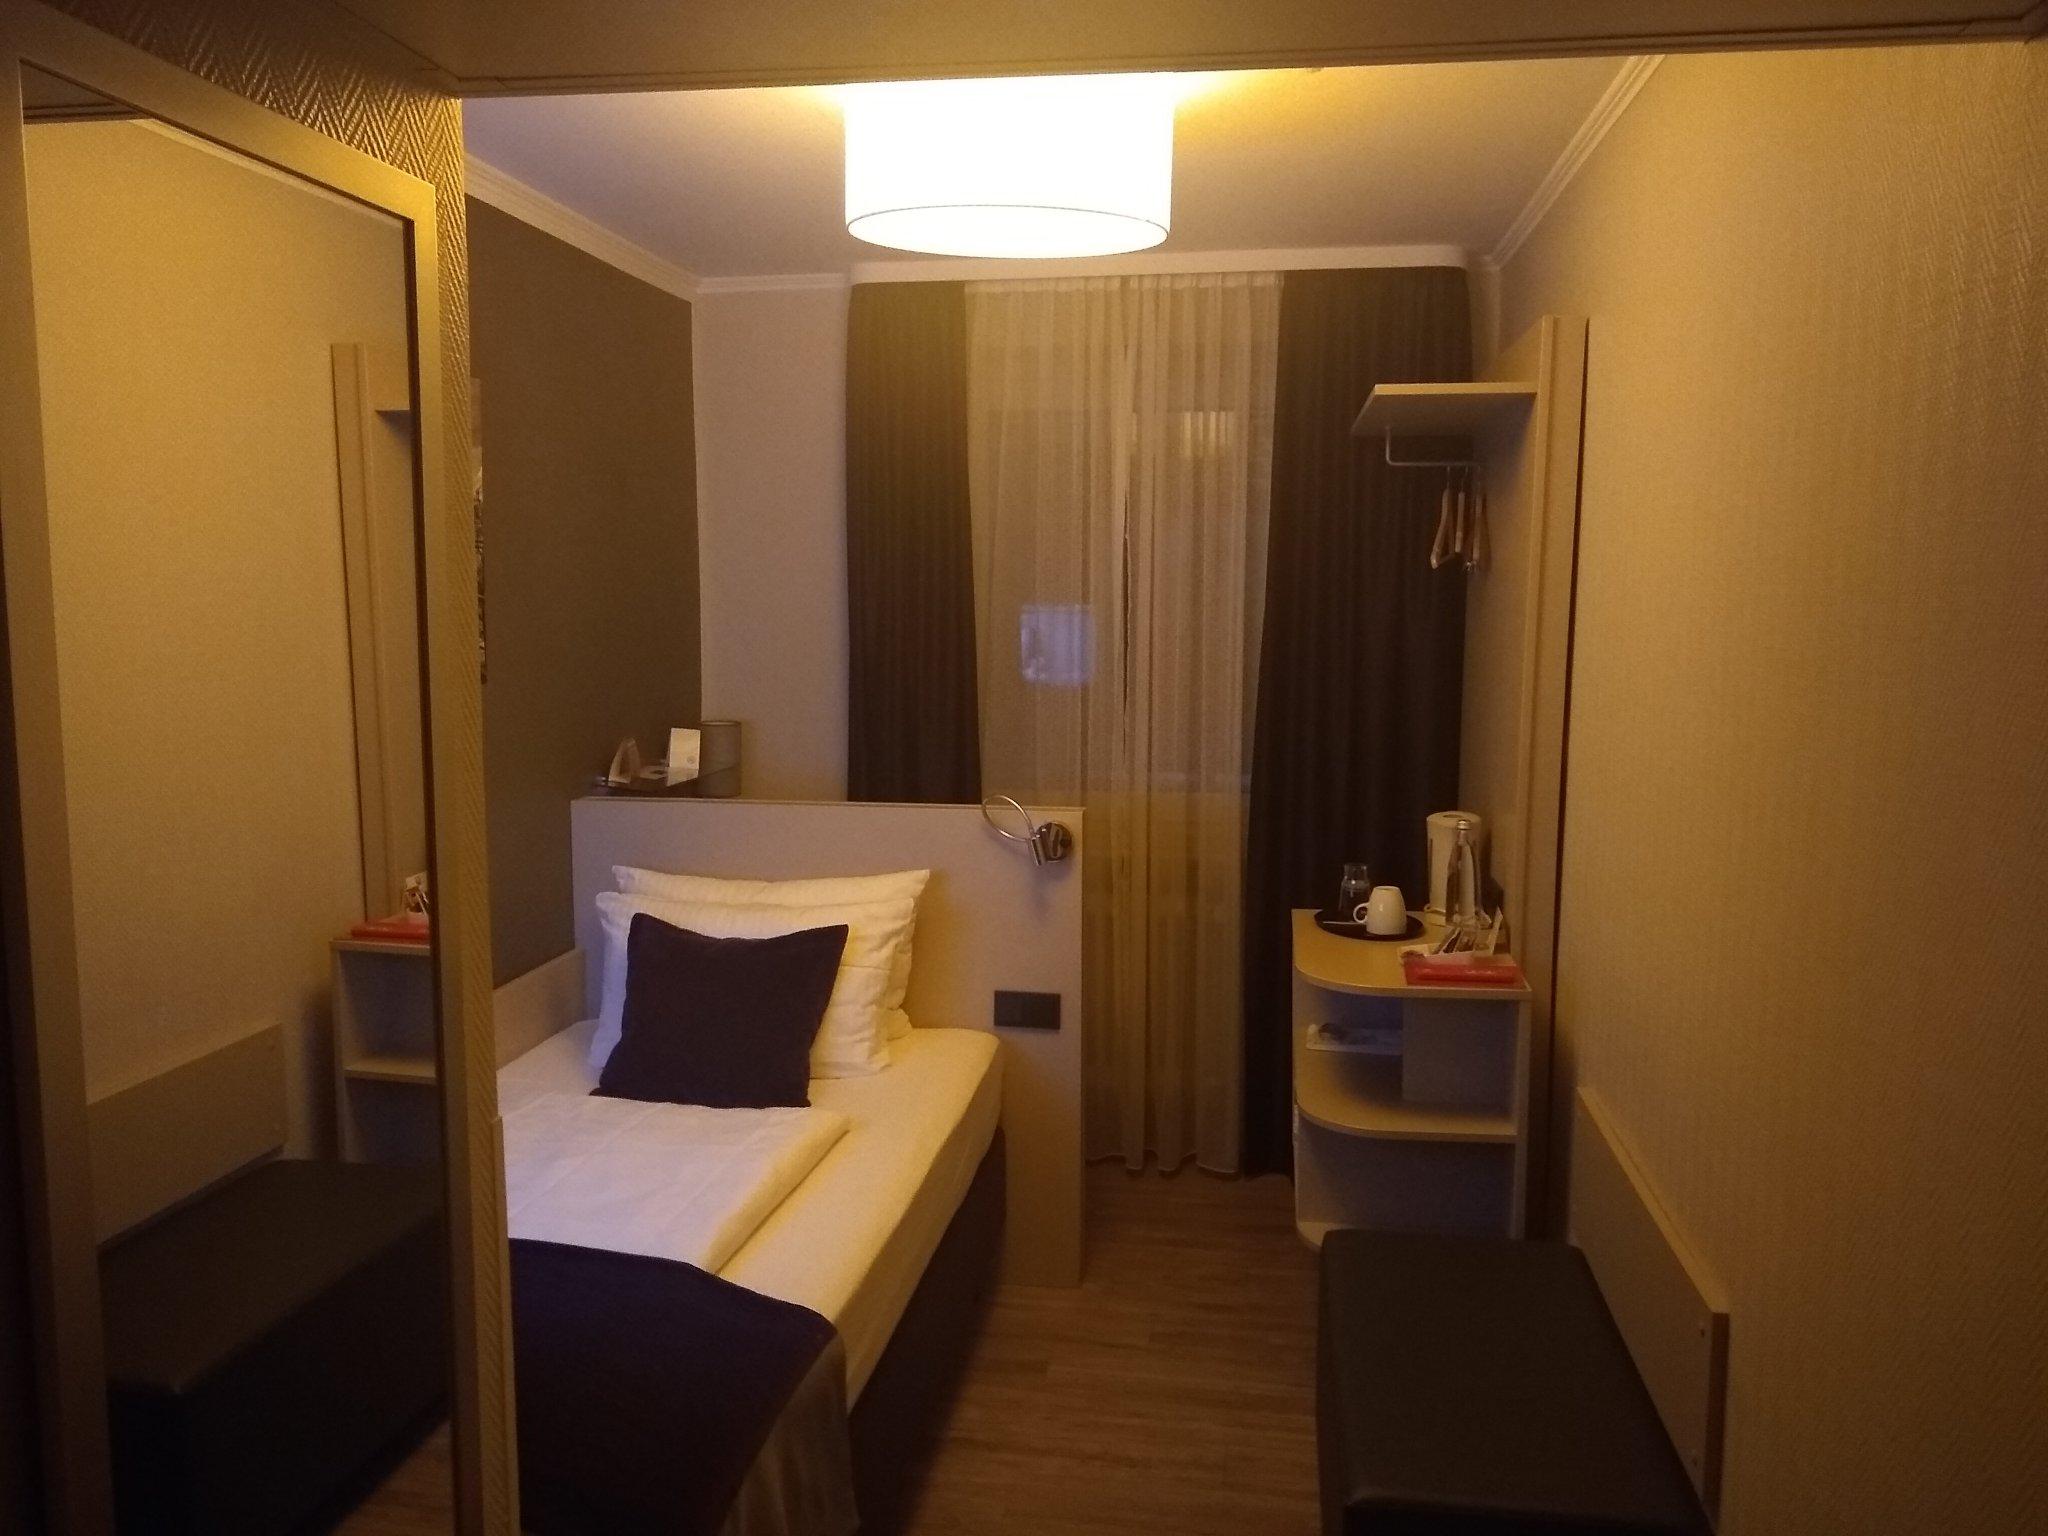 Hotel room in Frankfurt am Main